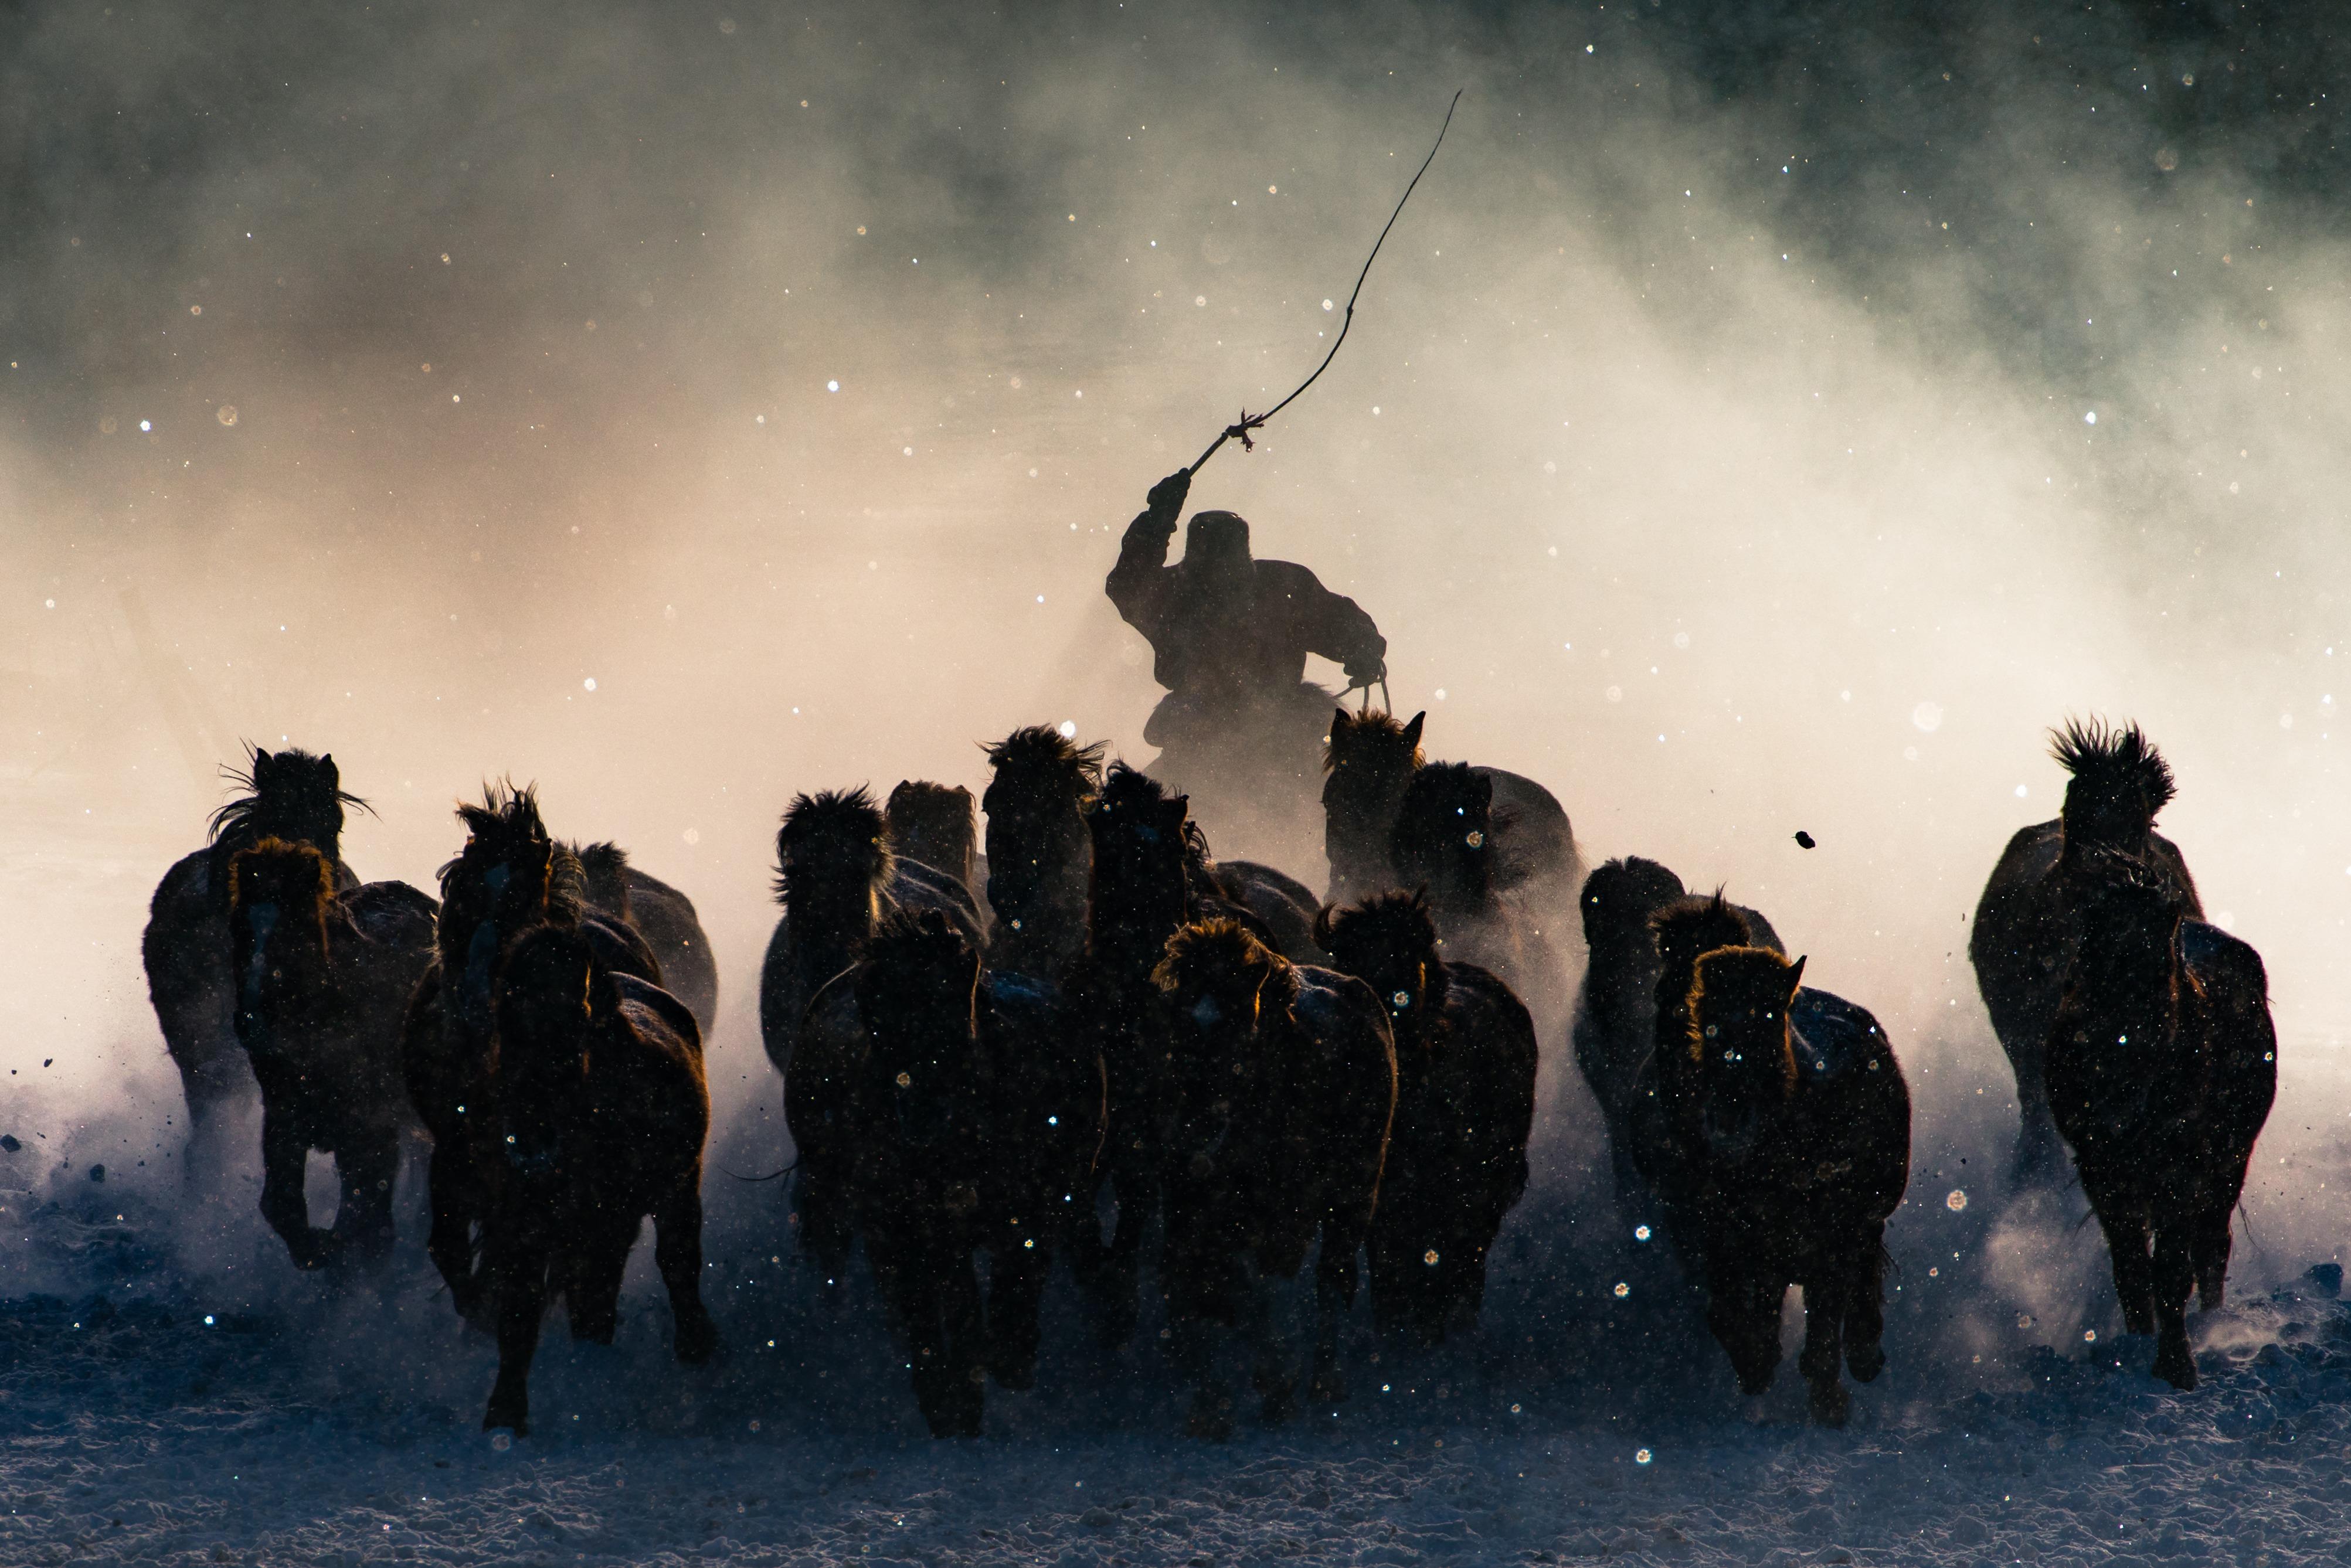 マイナス20度の風。モンゴルの騎手が鞭打つ瞬間。